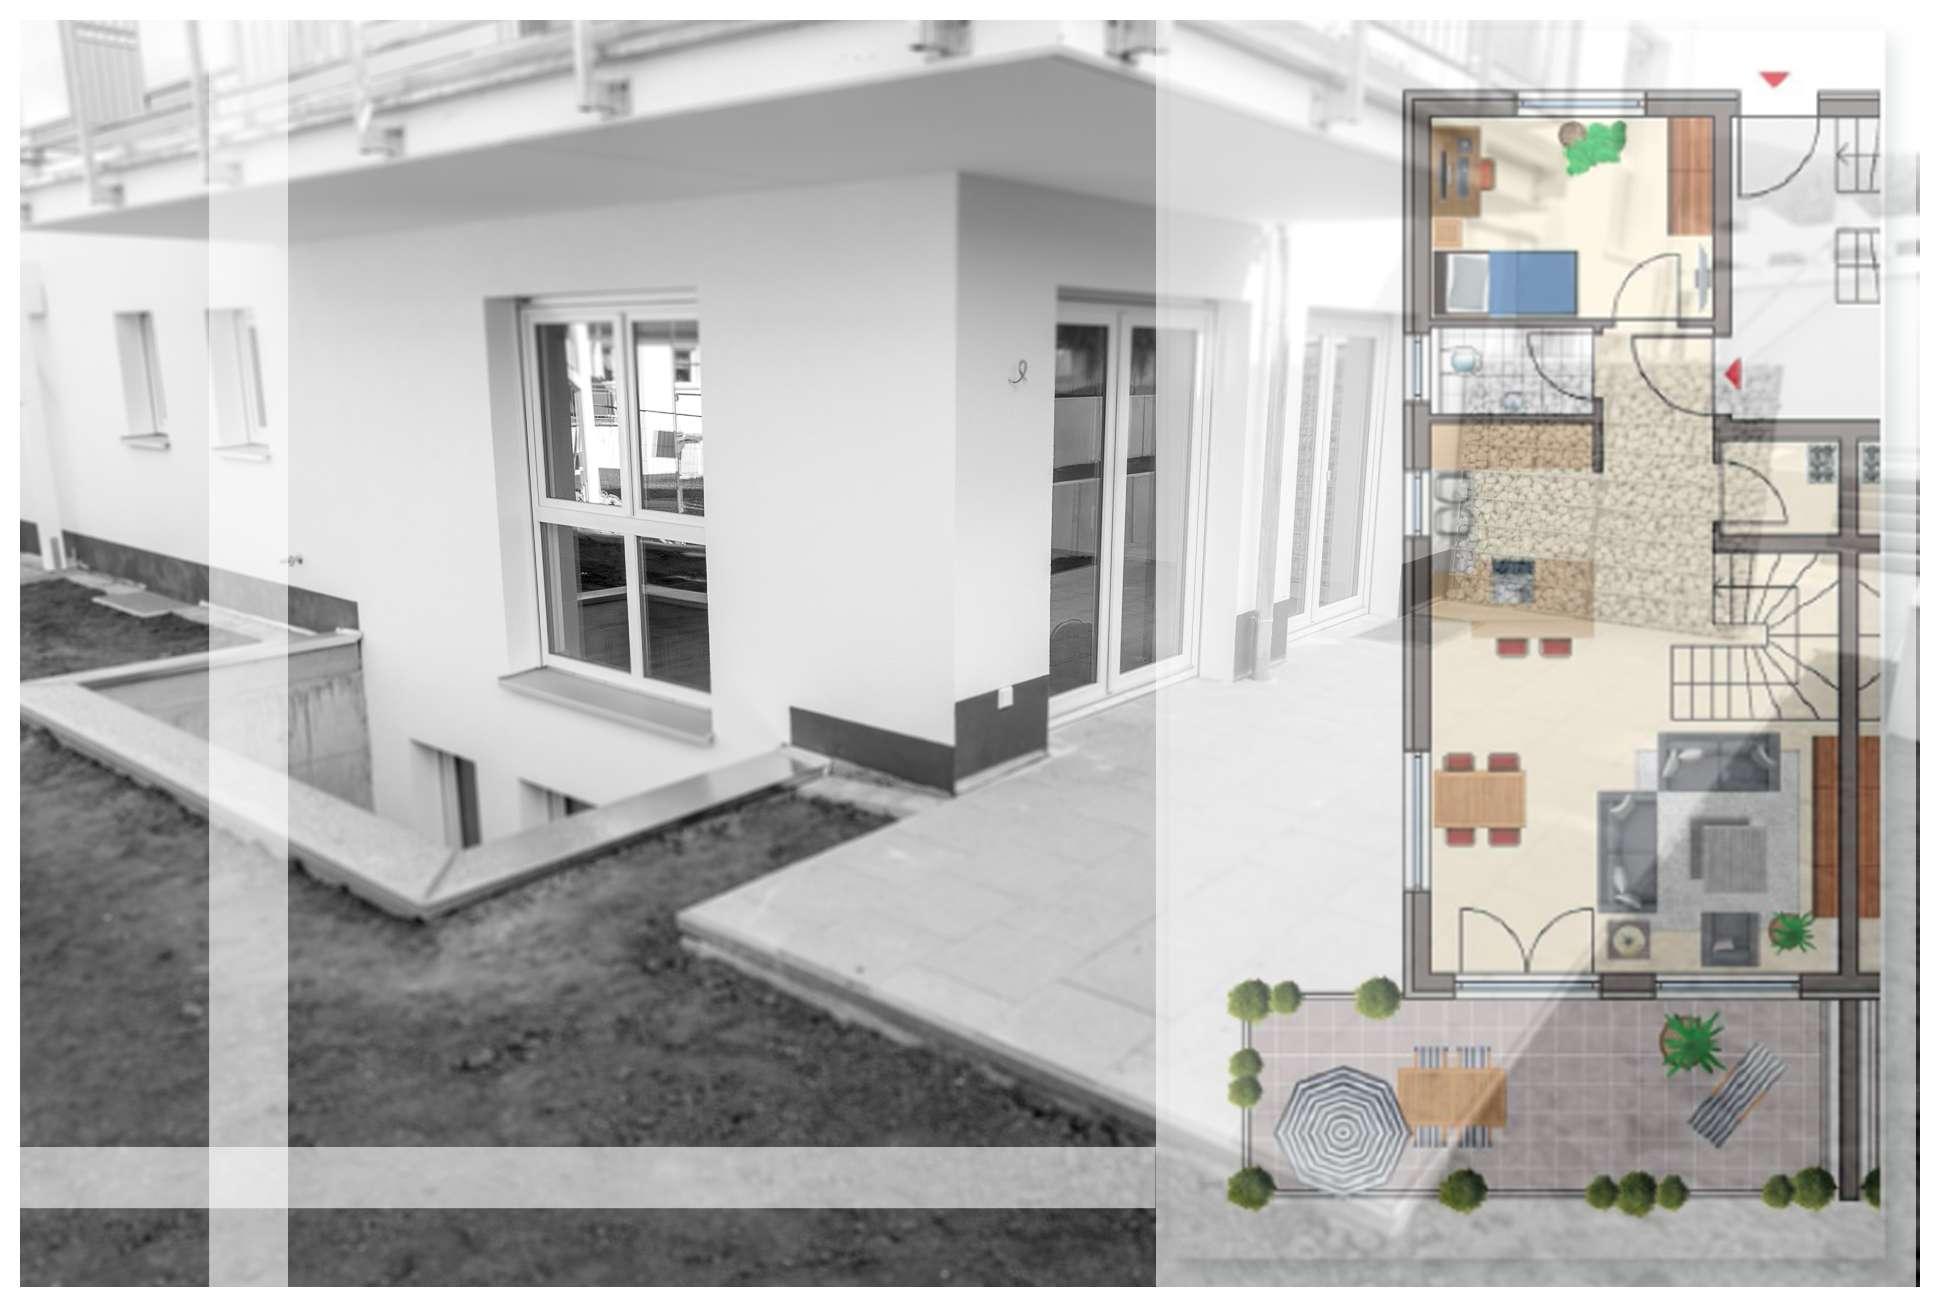 Neuwertige 3-Zimmer-Maisonette-Wohnung mit großzügiger Terrasse in Diepersdorf in Leinburg